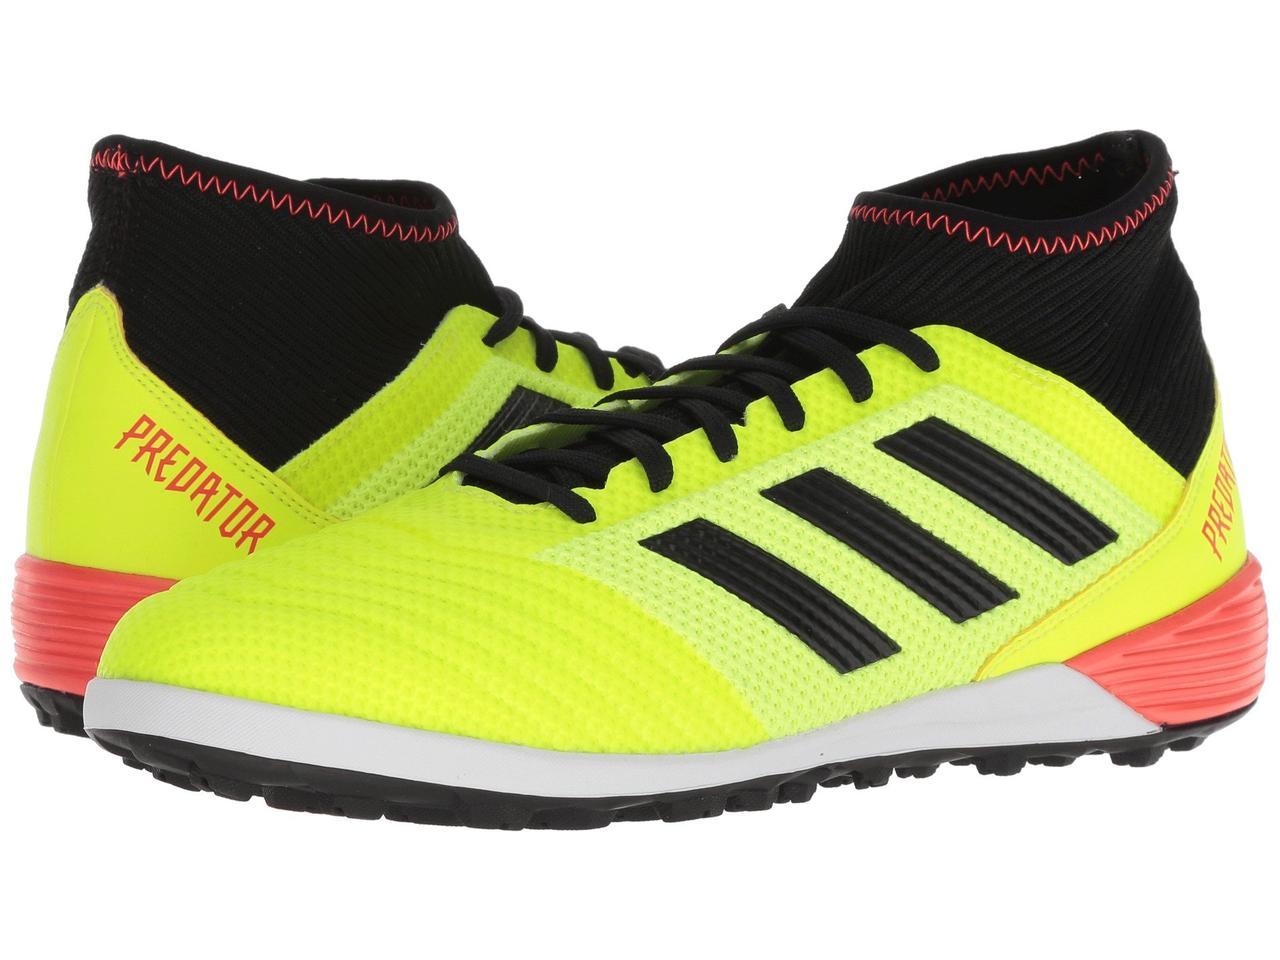 90adf877 Бутсы adidas Predator Tango 18.3 TF Green - Оригинал - FAIR - оригинальная  одежда и обувь